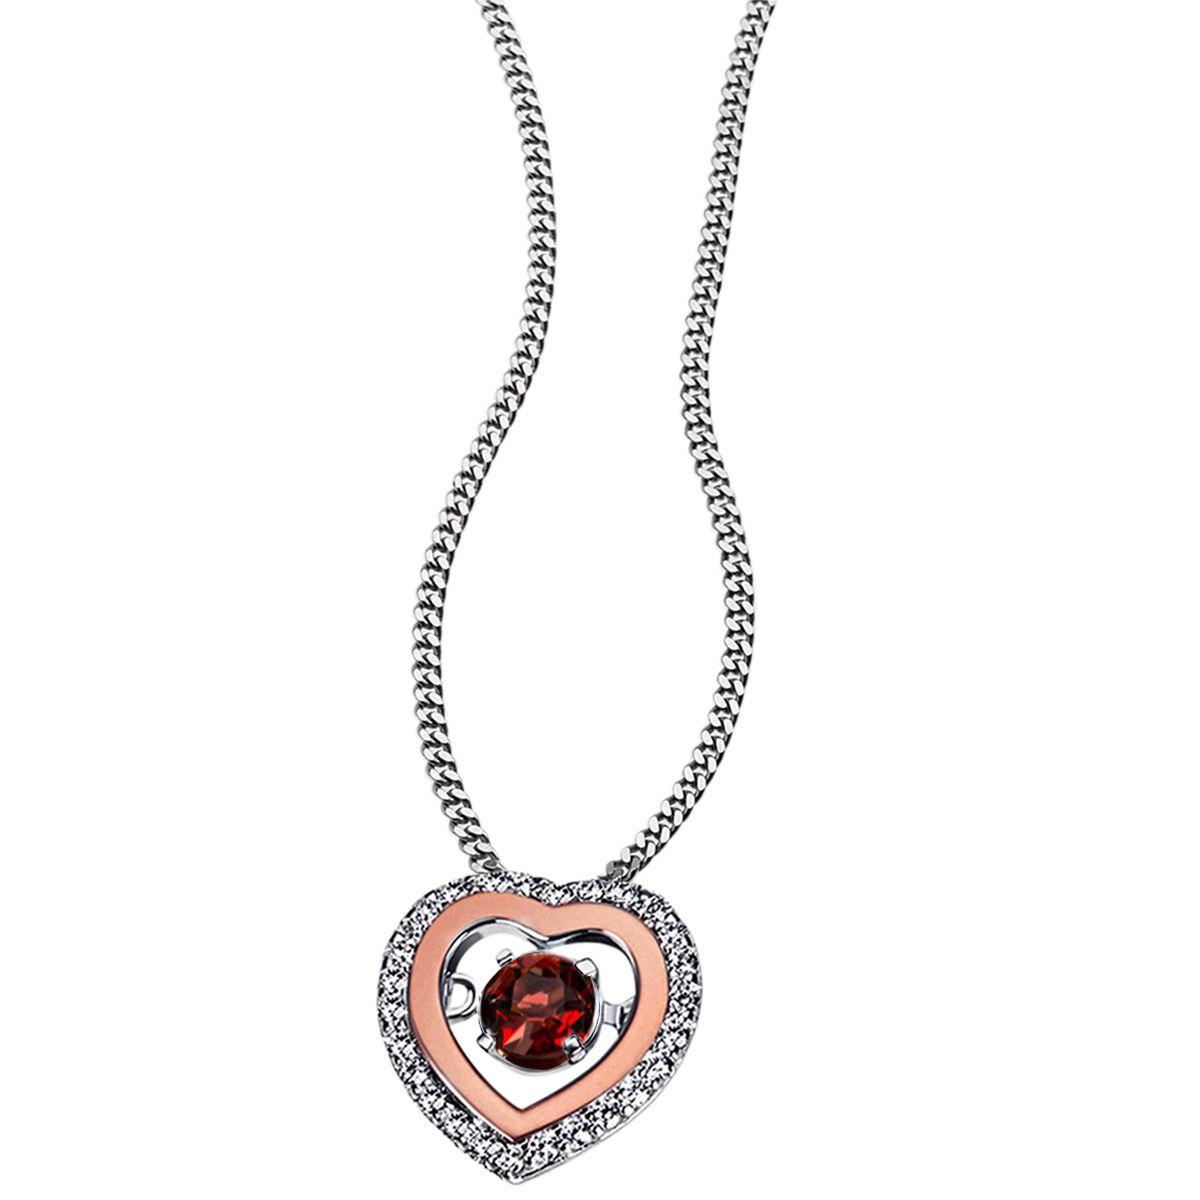 AVERDIN Averdin Collier 925/- Silber 1 rot brauner Granat 26 Zirkonia